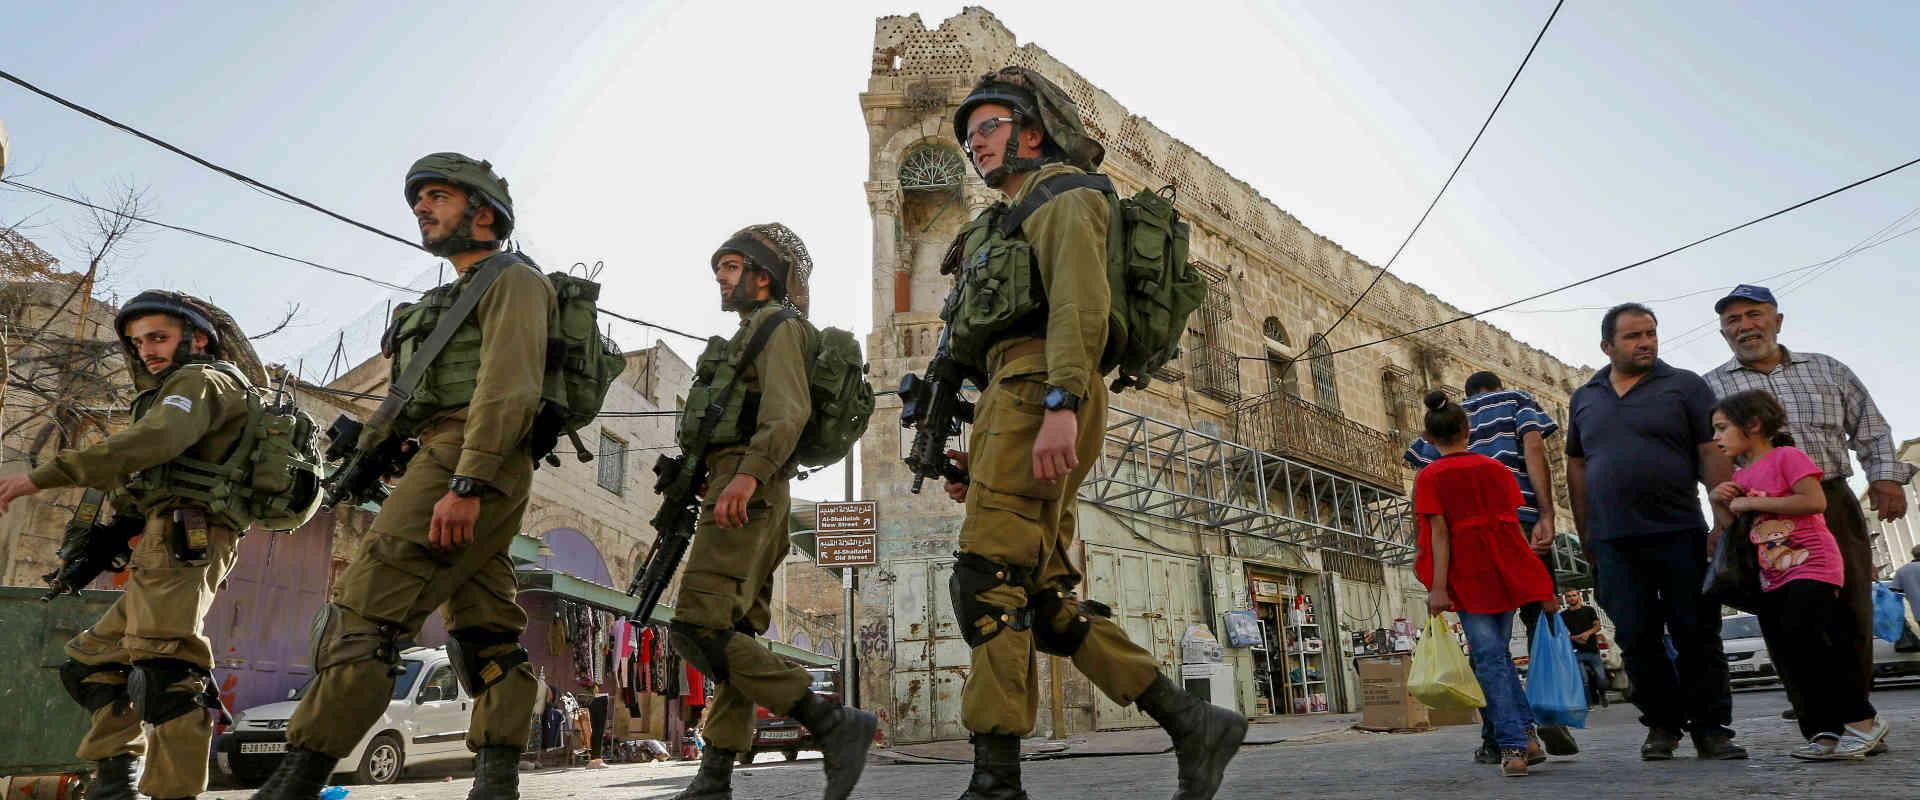 חיילים מסיירים בחברון, אתמול